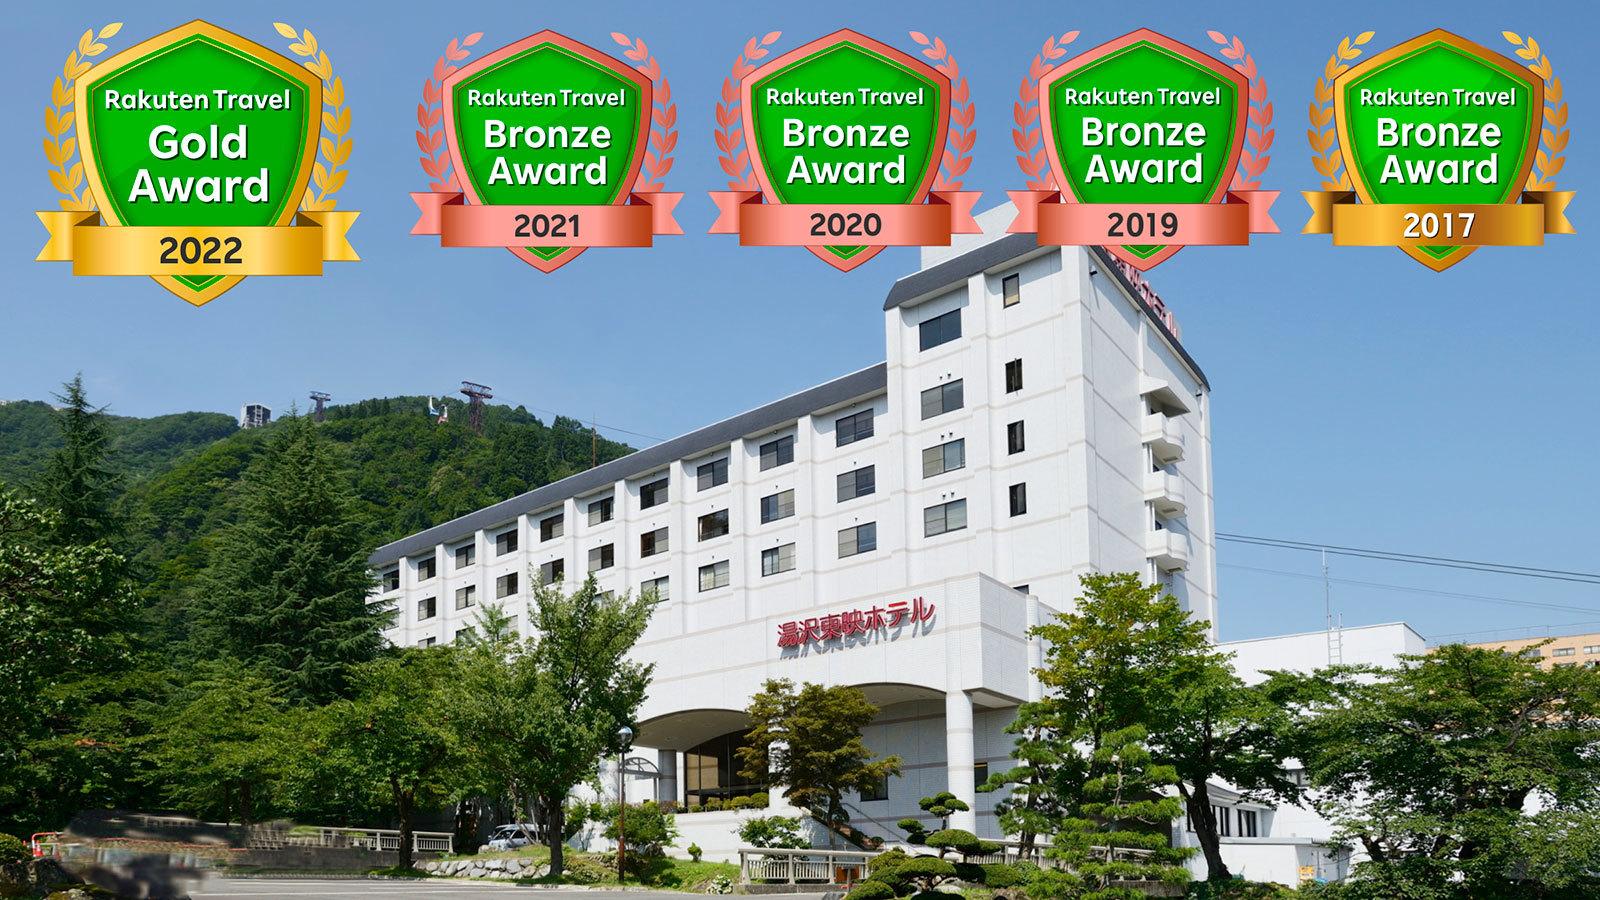 越後湯沢温泉へ子供をつれて家族に行くのに、大きな大浴場のある温泉宿を探しています。